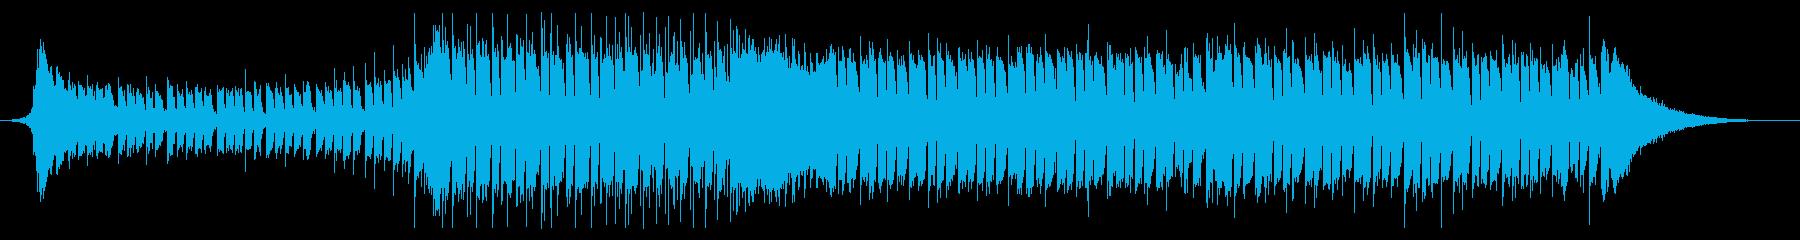 企業VP CM 爽やか EDM風BGMの再生済みの波形